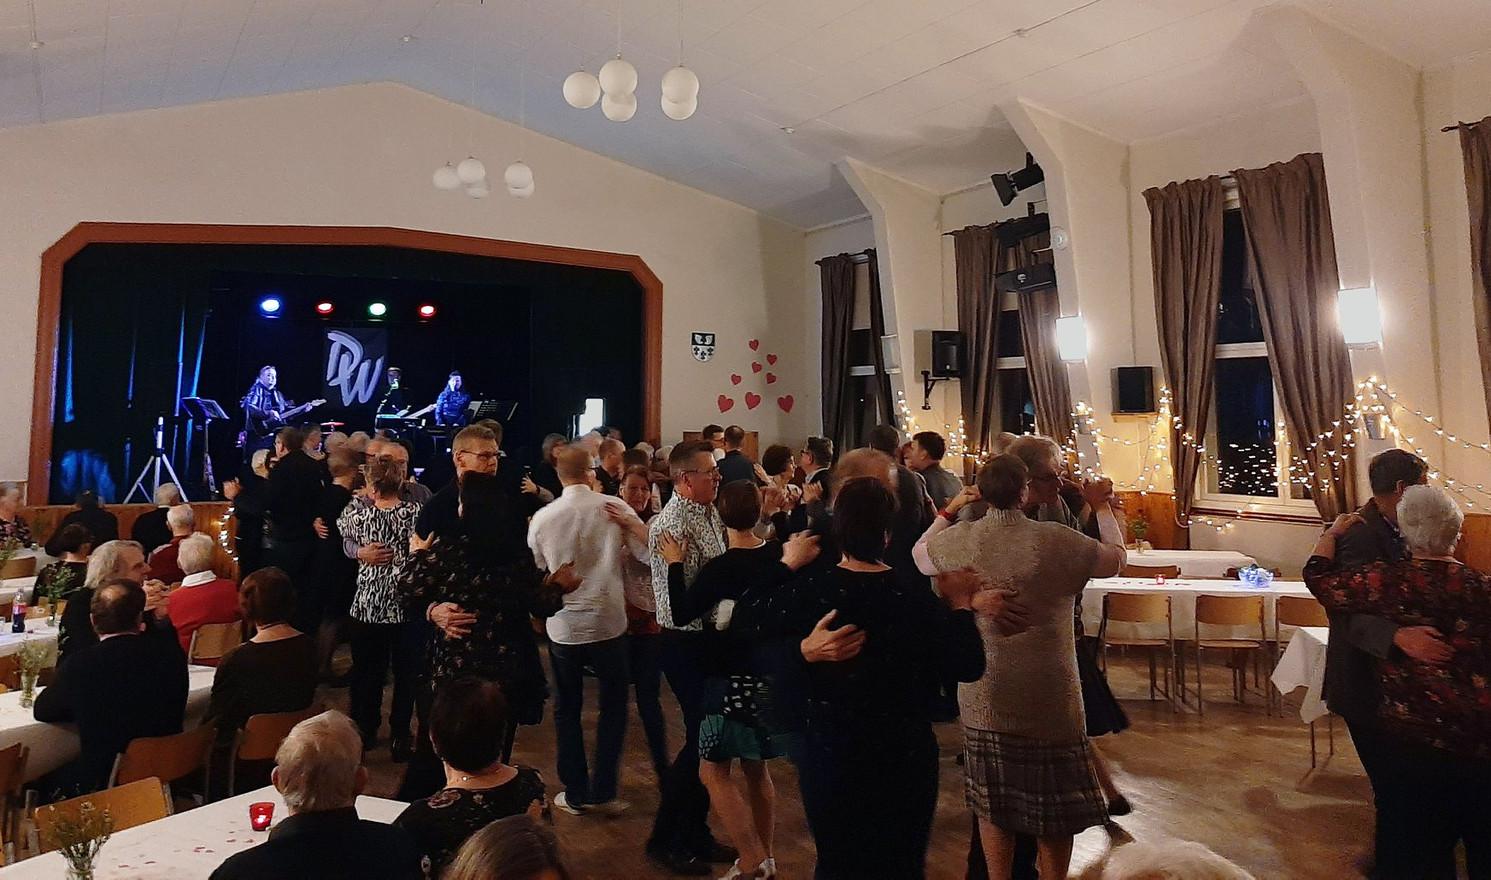 Ystävänpäivän tanssit olivat menestys. Yhtye Danswerket houkutteli paljon väkeä Liljendalgårdeniin.